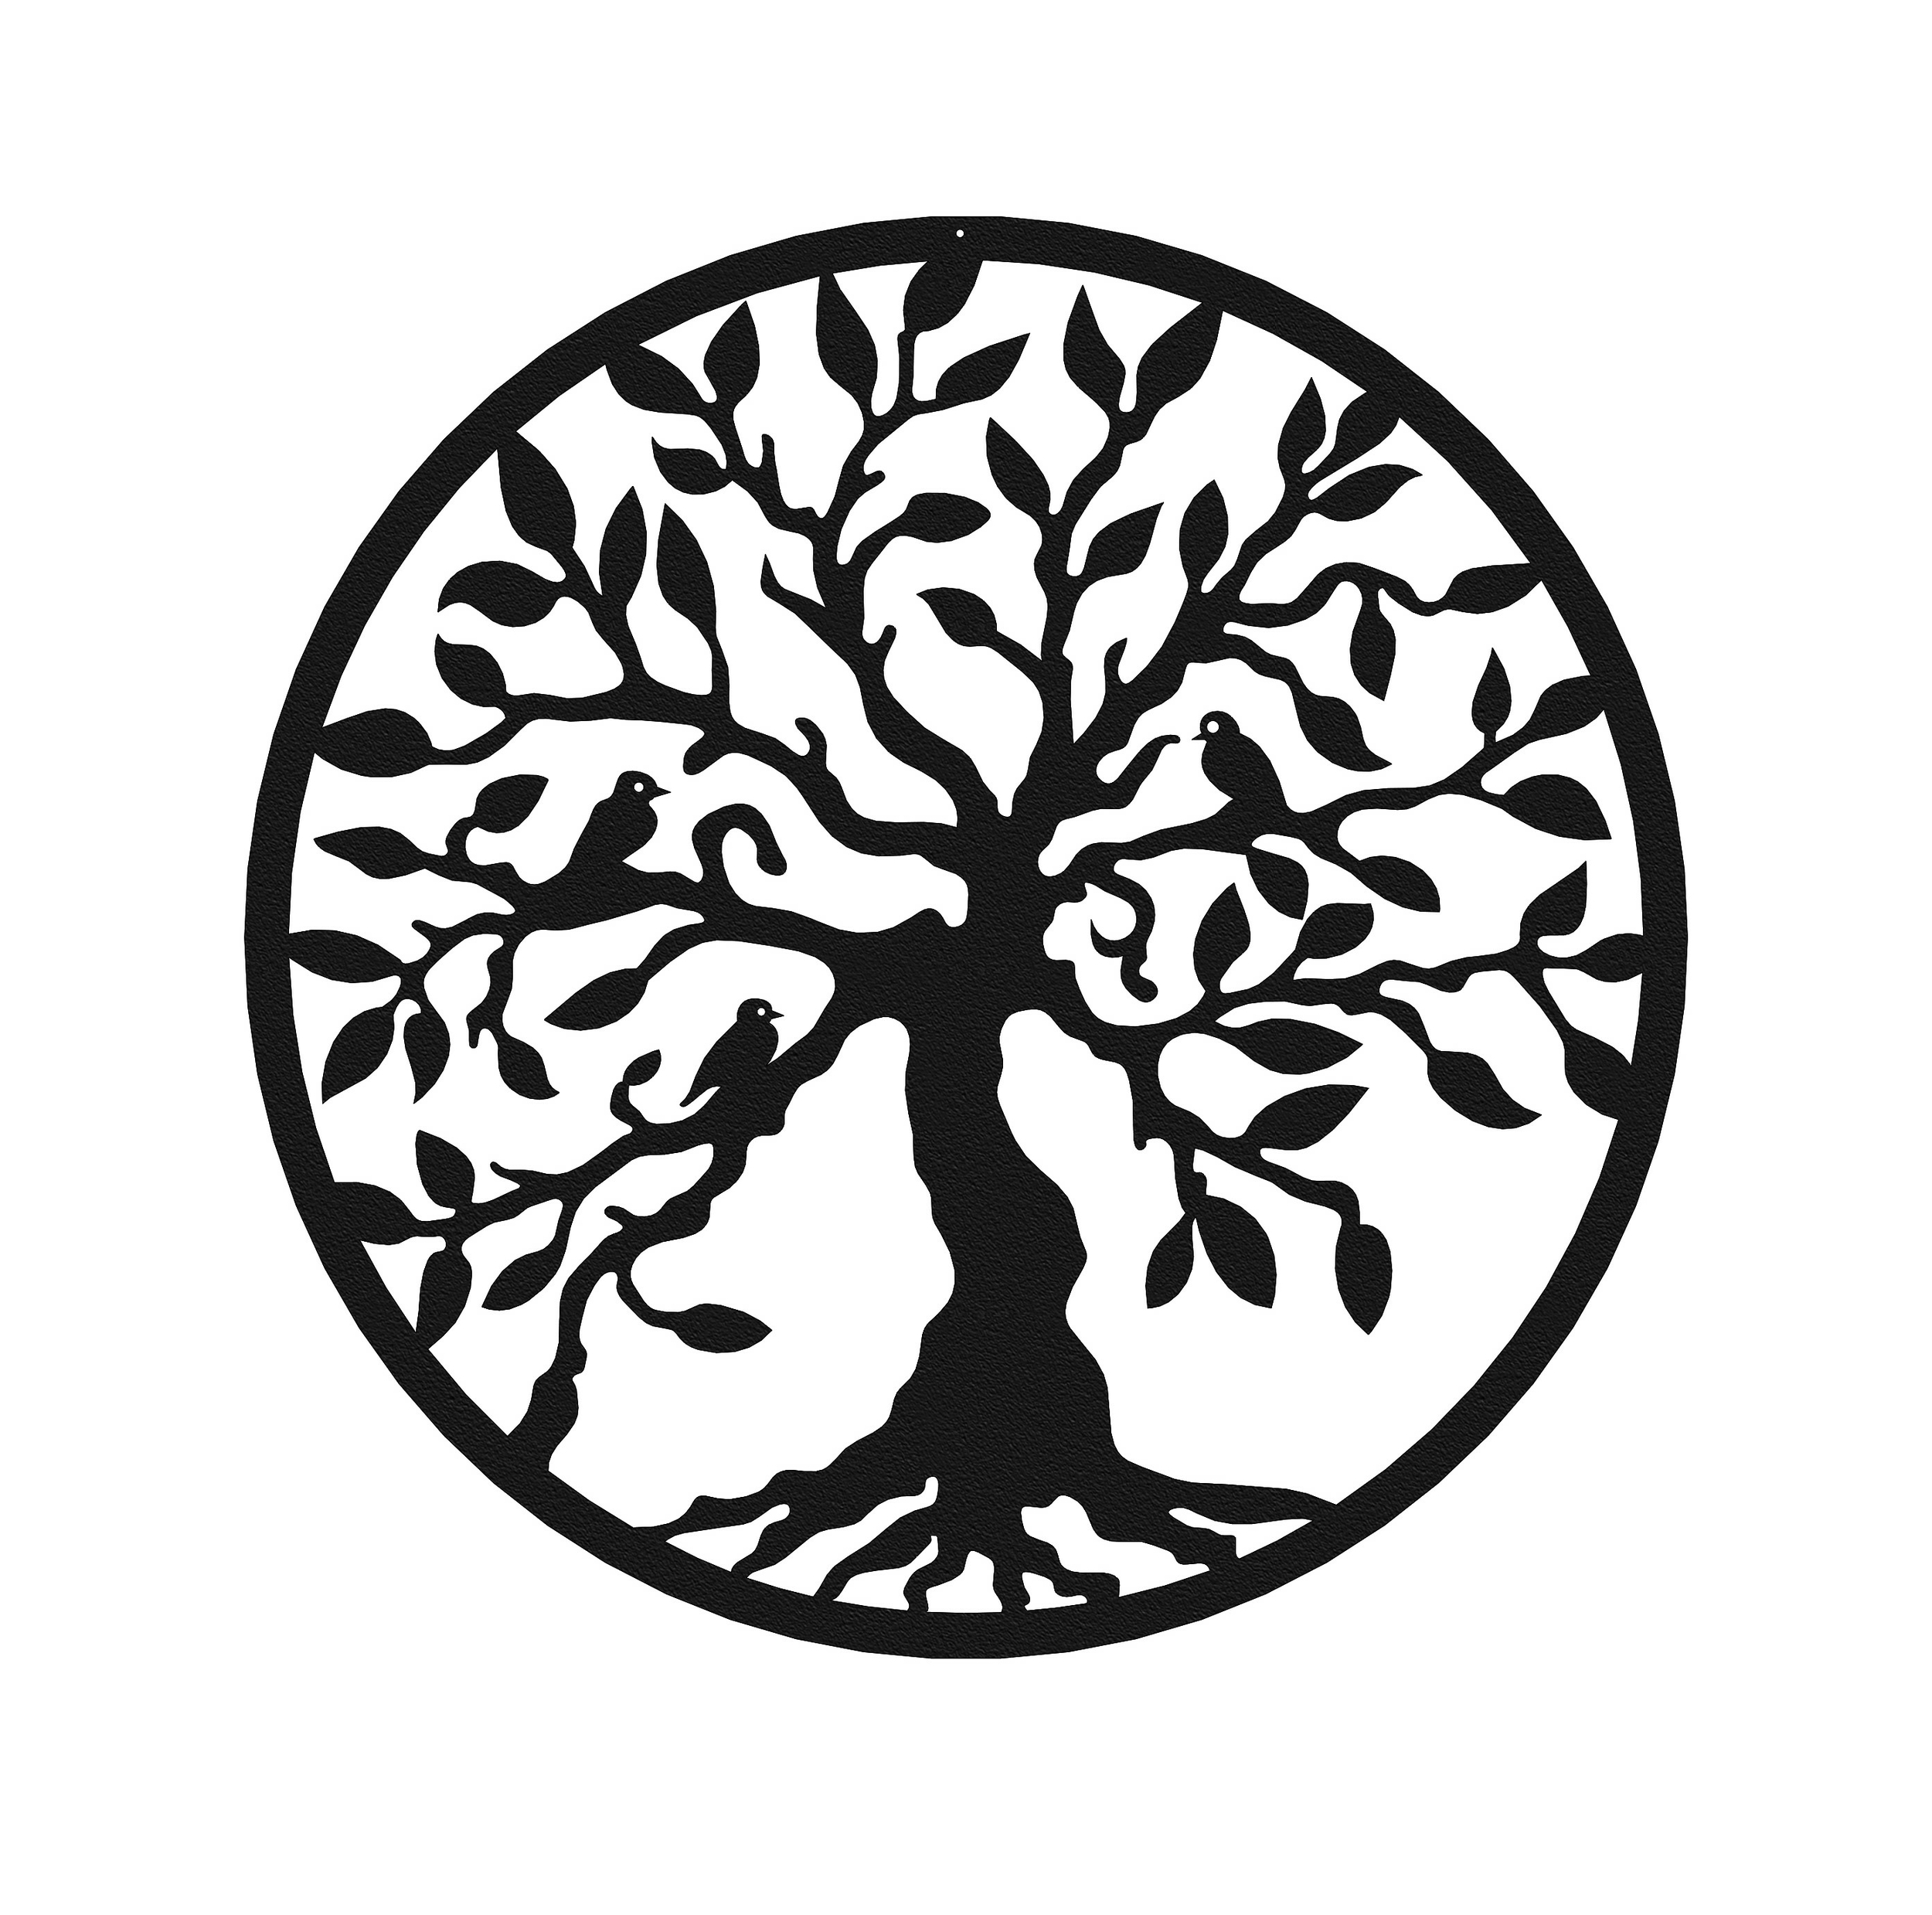 arbre de vie v3